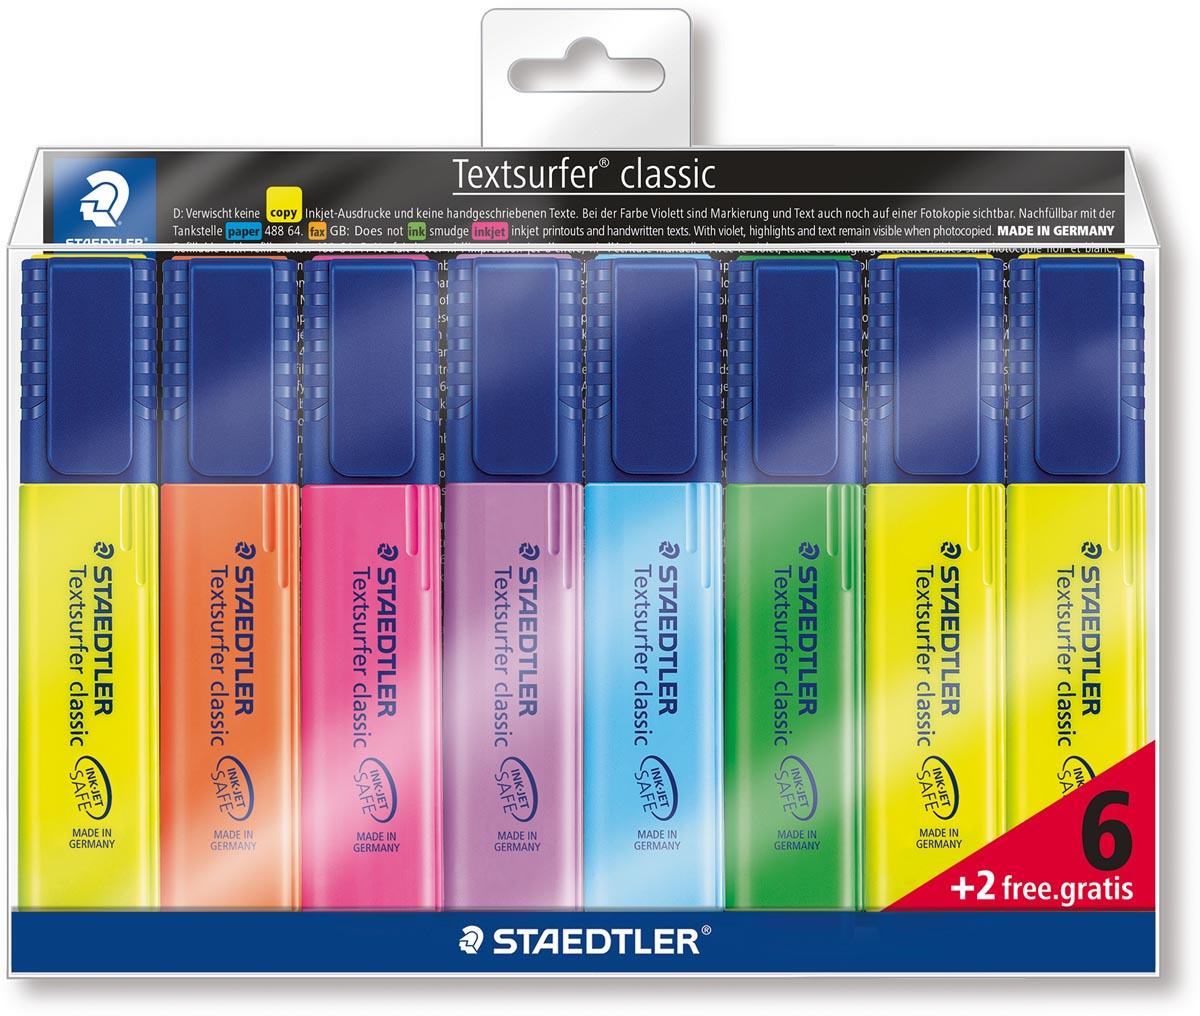 Staedtler Markeerstift Textsurfer Classic etui van 8 stuks: geel, oranje, roze, paars, blauw, groen